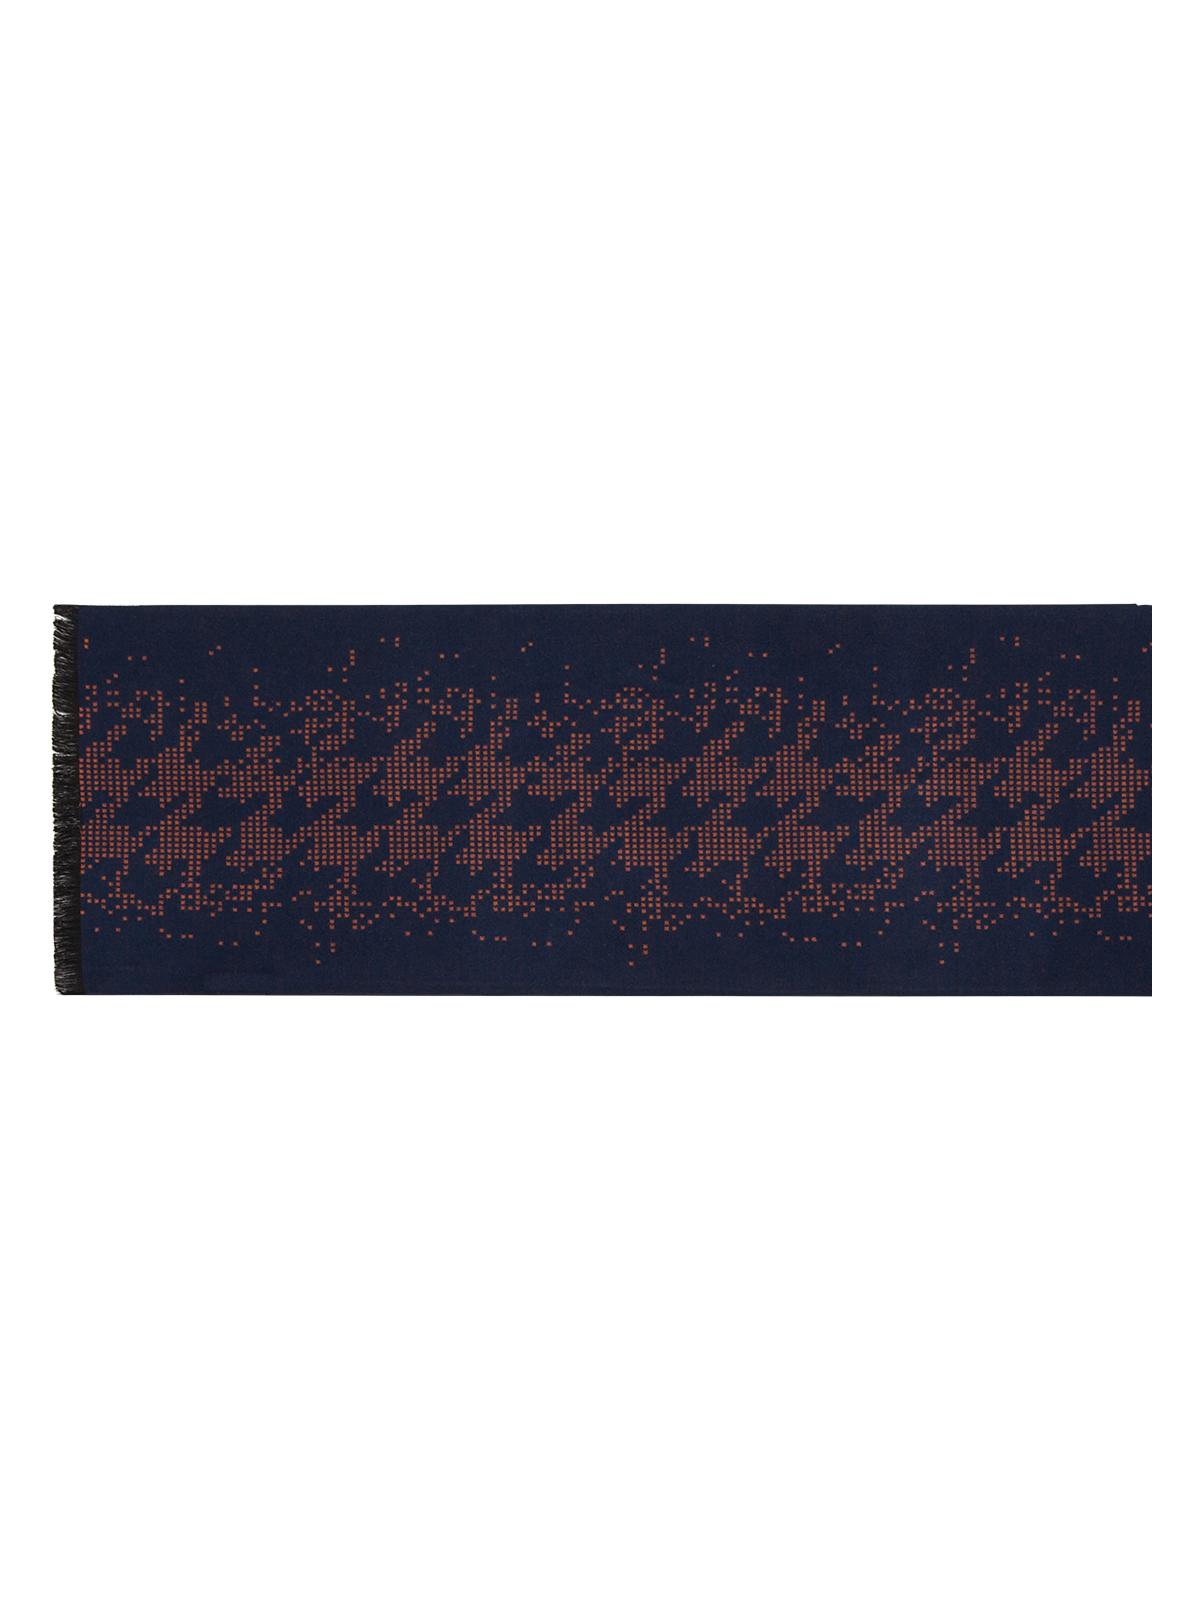 ШарфLJG34-317Мужской шарф Labbra, изготовленный из вискозы и шелка, мягкий и приятный на ощупь. Изделие оформлено оригинальным принтом. По короткому краю модель оформлена бахромой.